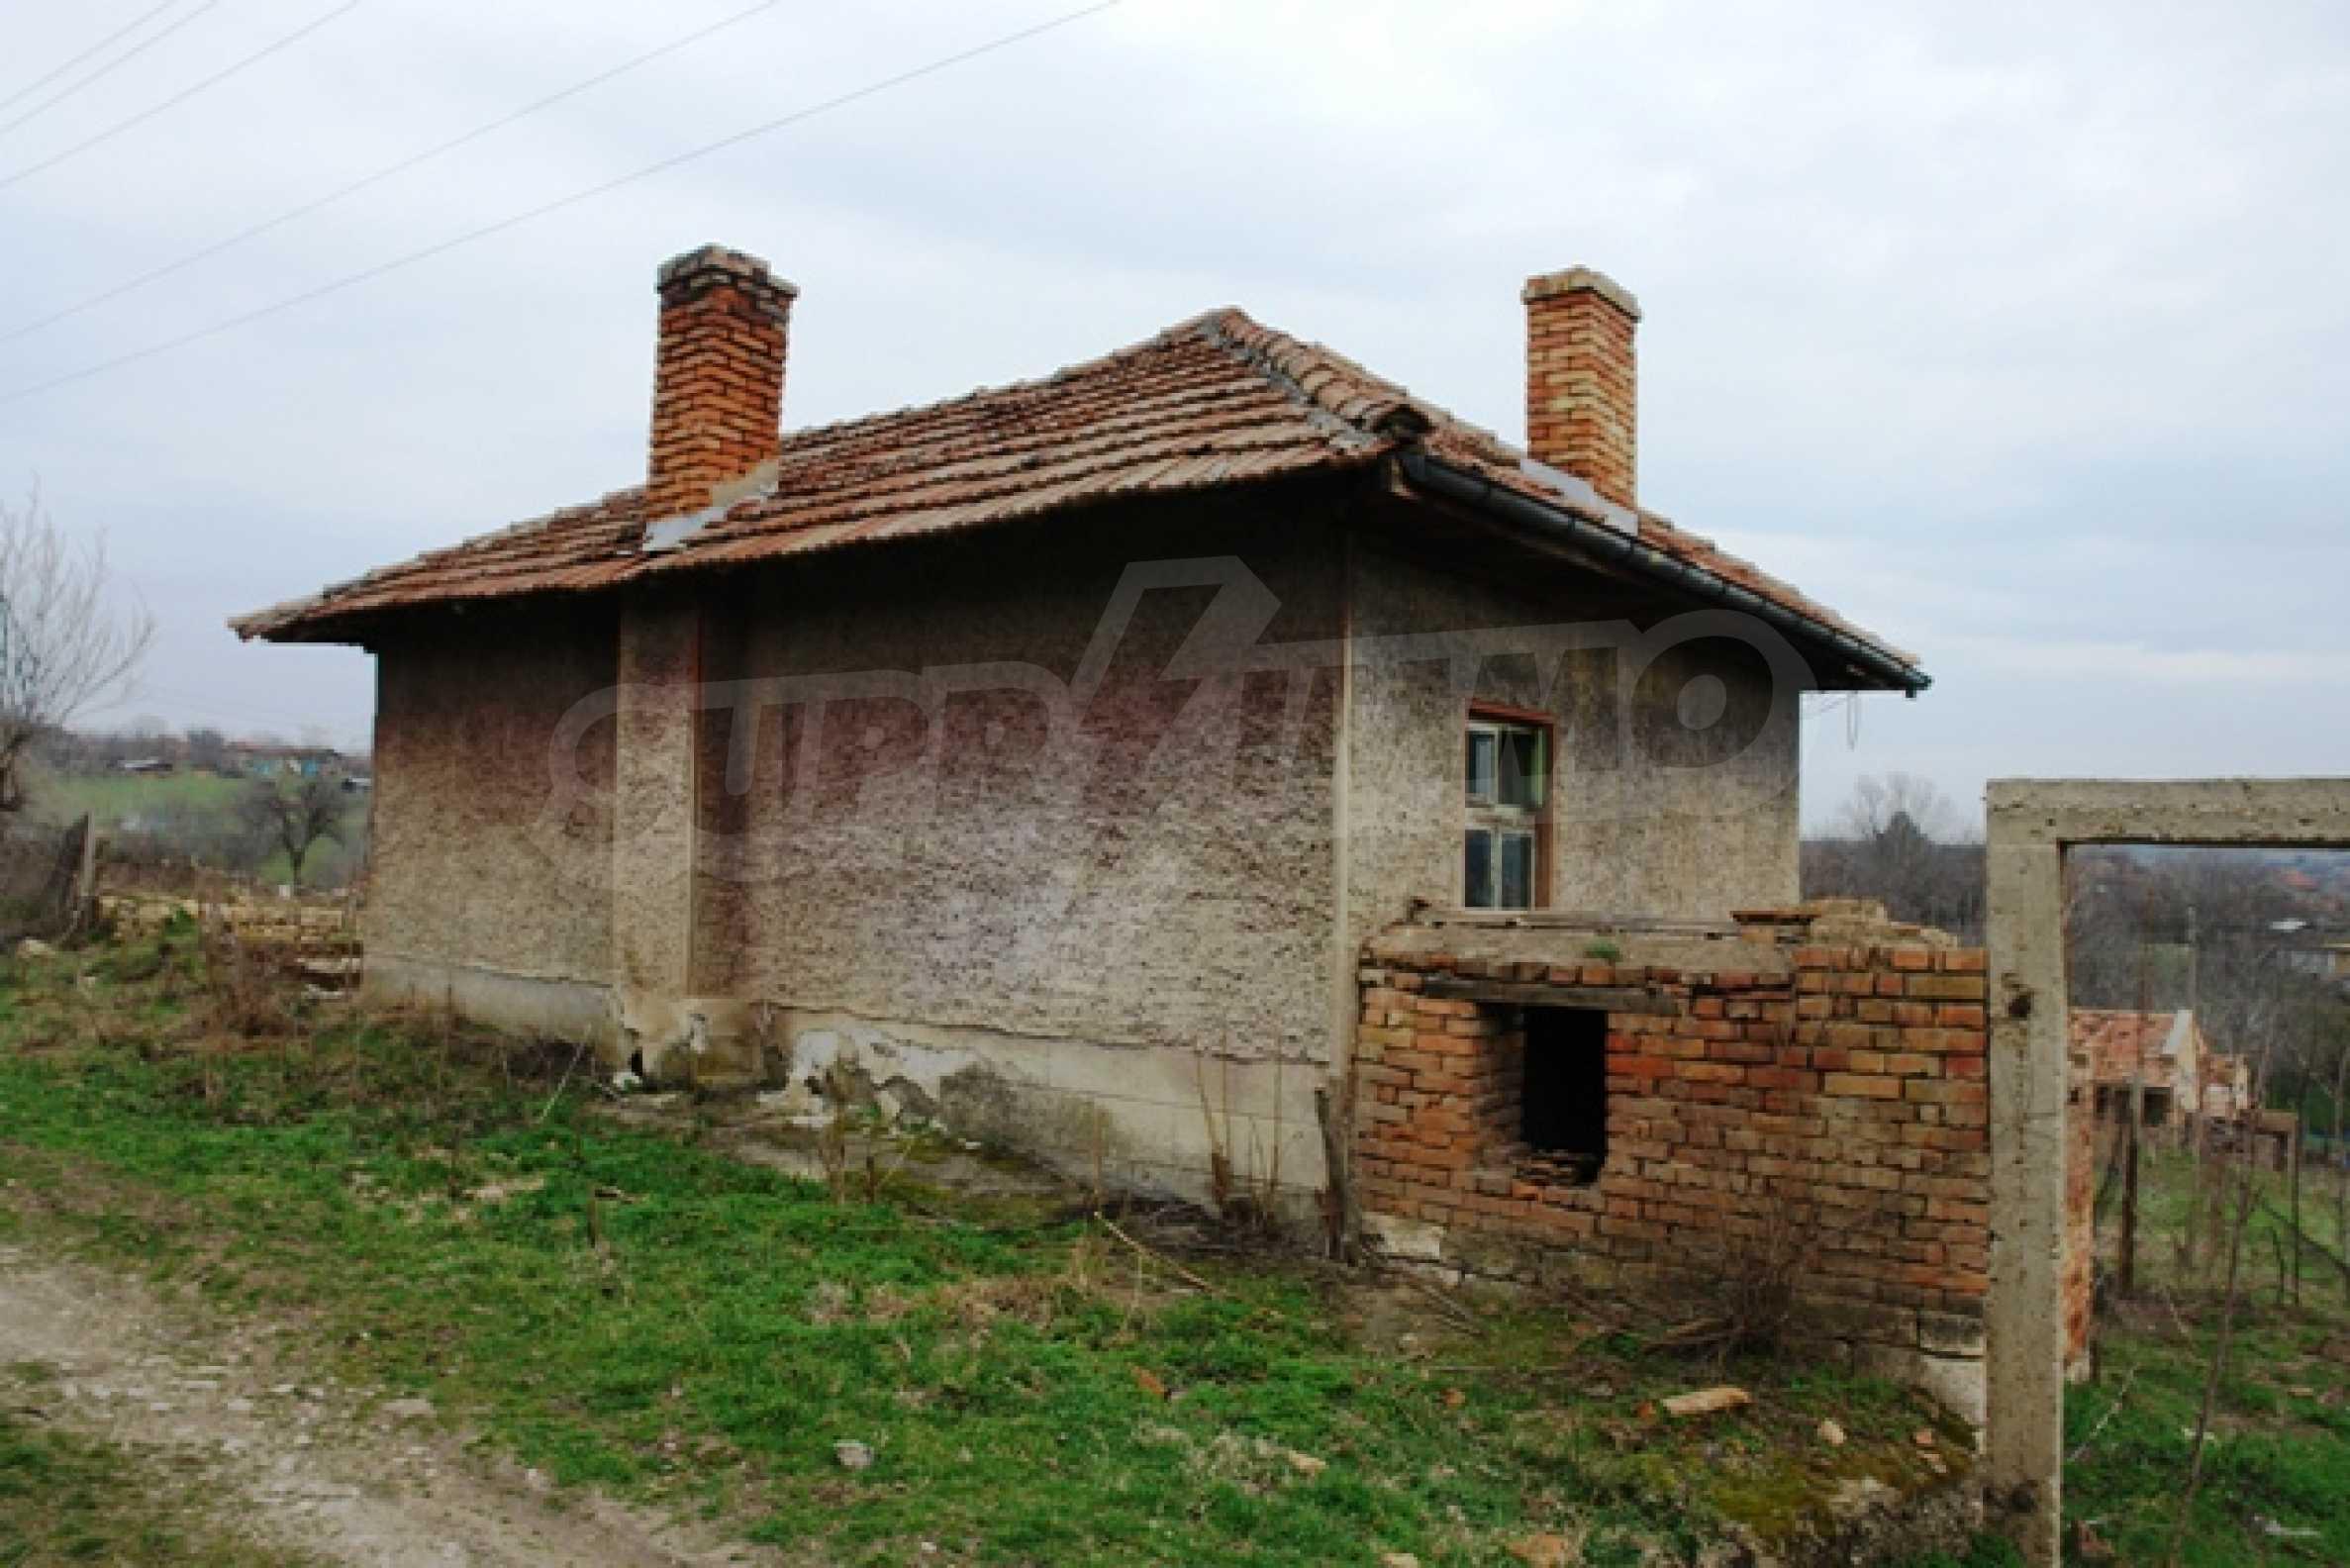 Altes Haus für die totale Reparatur, im Dorf Beltsov gelegen. 1